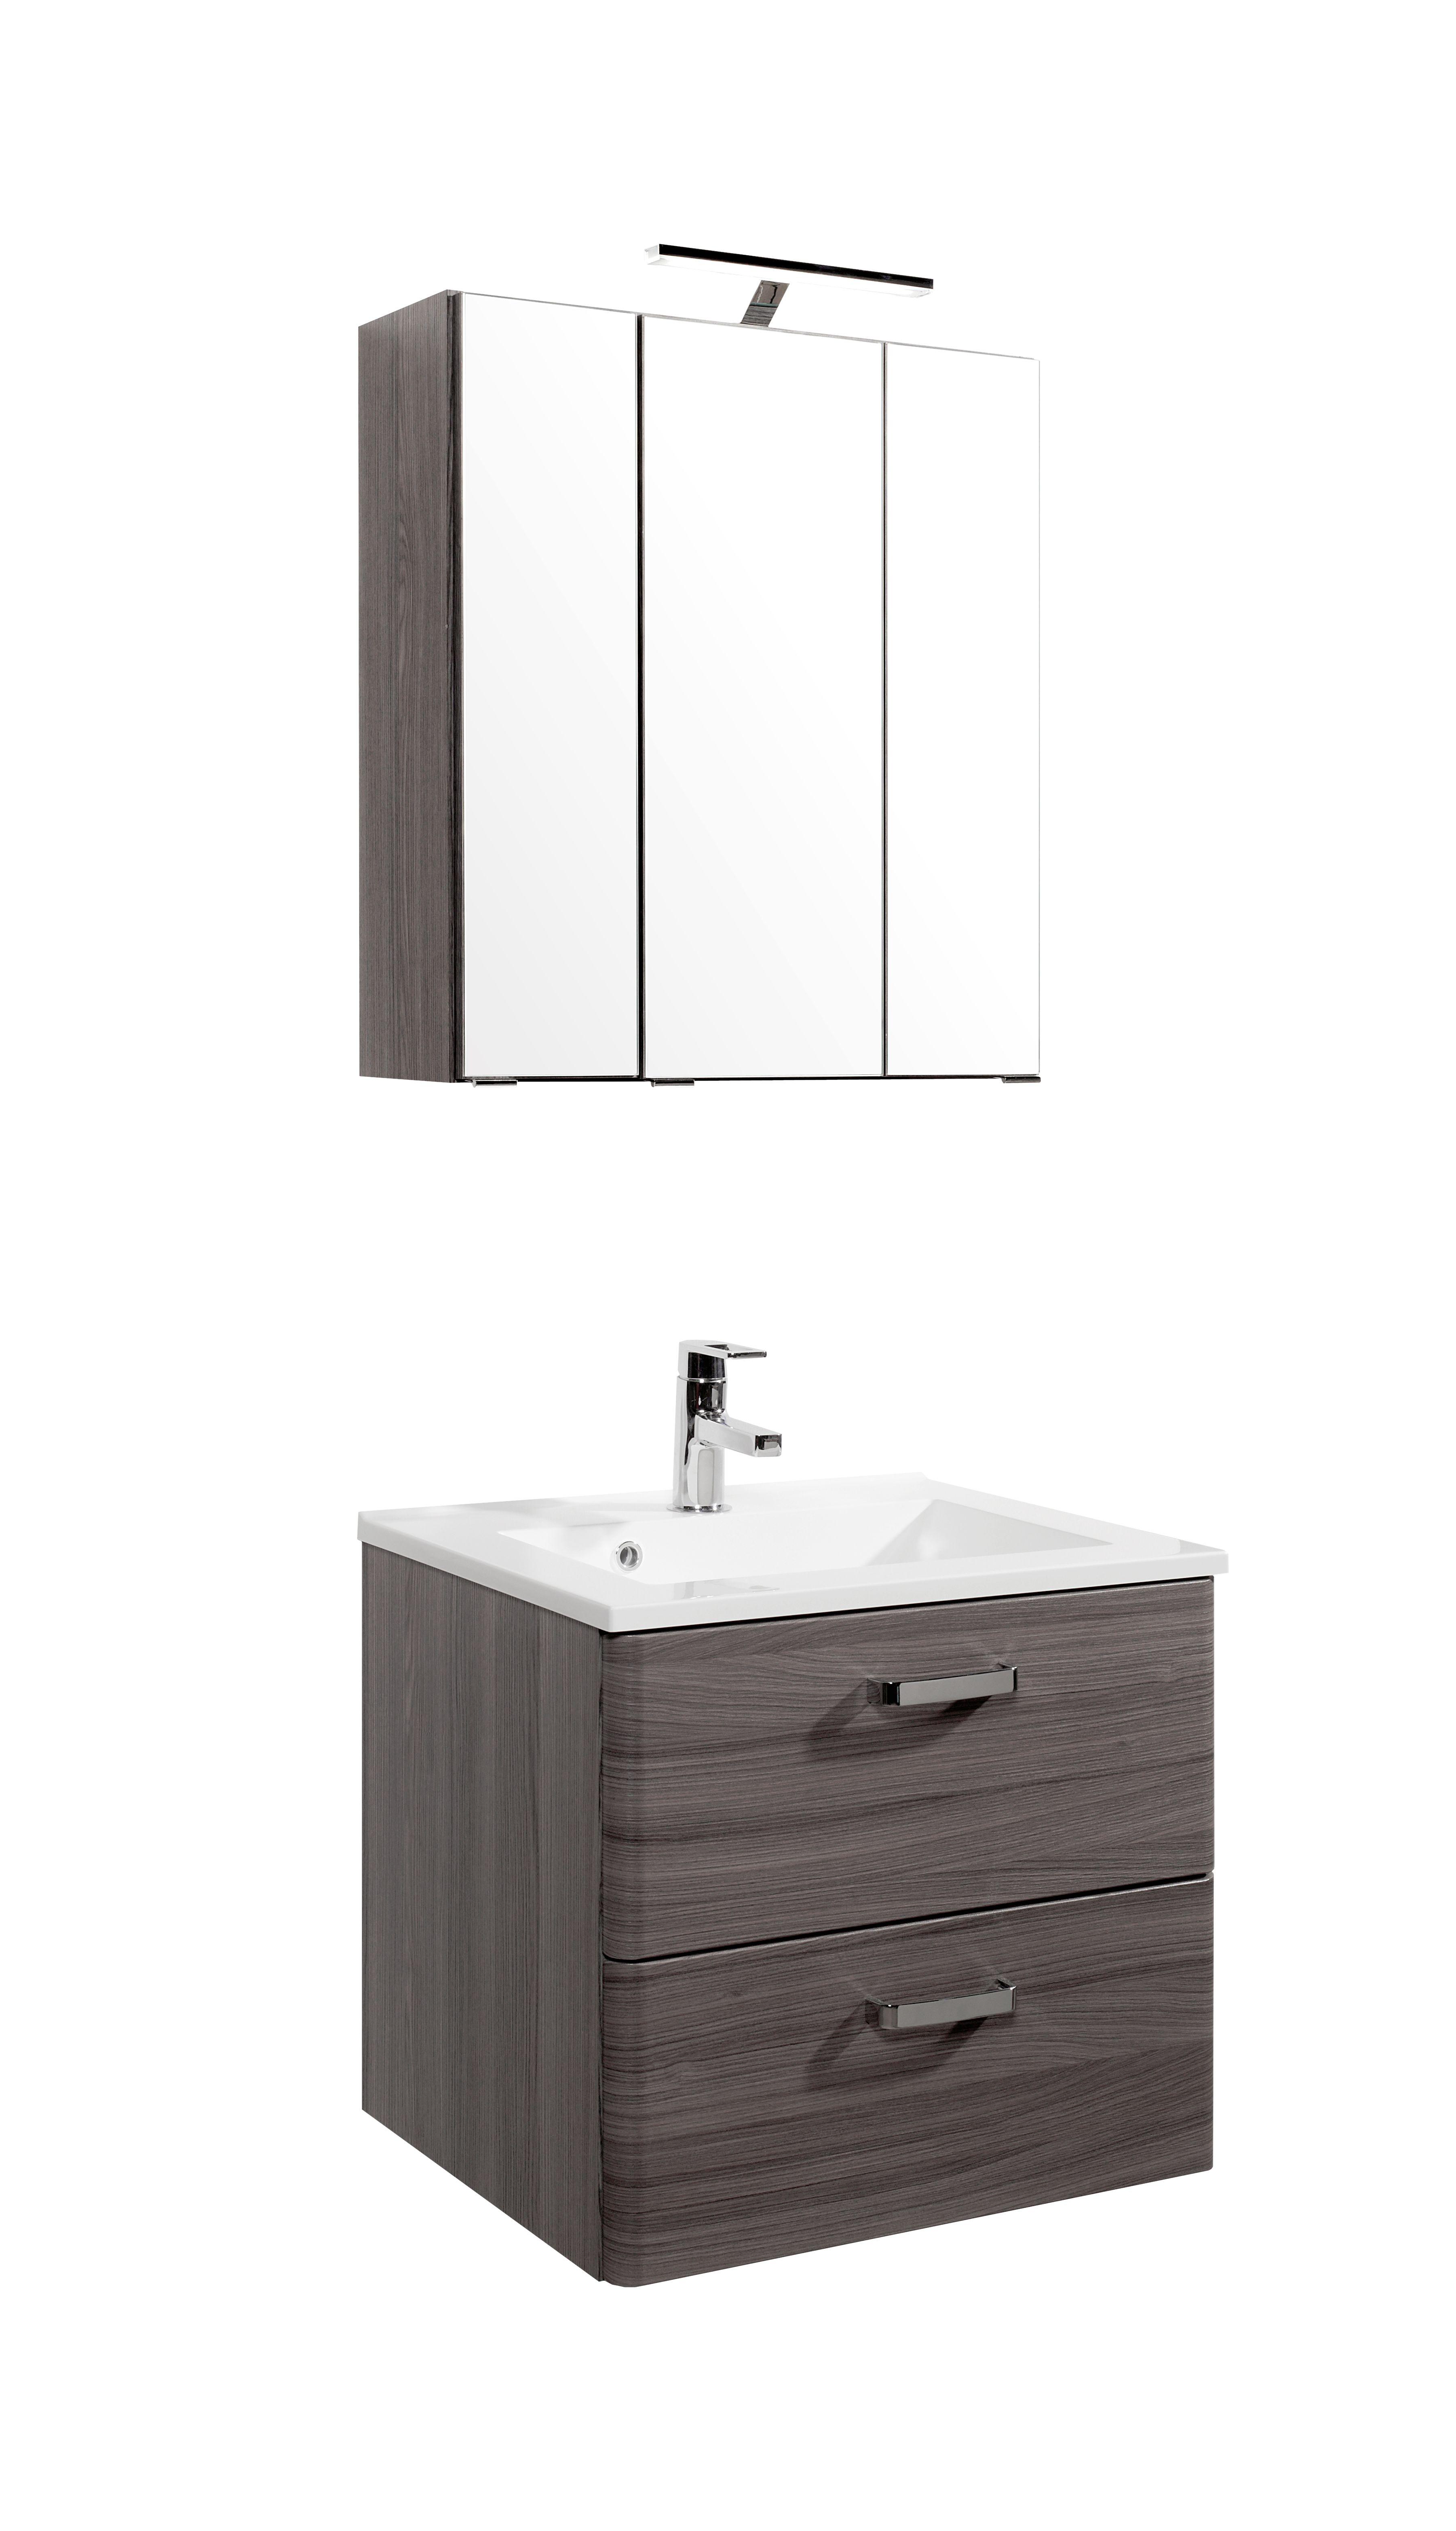 waschtisch set 60 inkl led beleuchtung phoenix von held m bel eiche dunkel. Black Bedroom Furniture Sets. Home Design Ideas